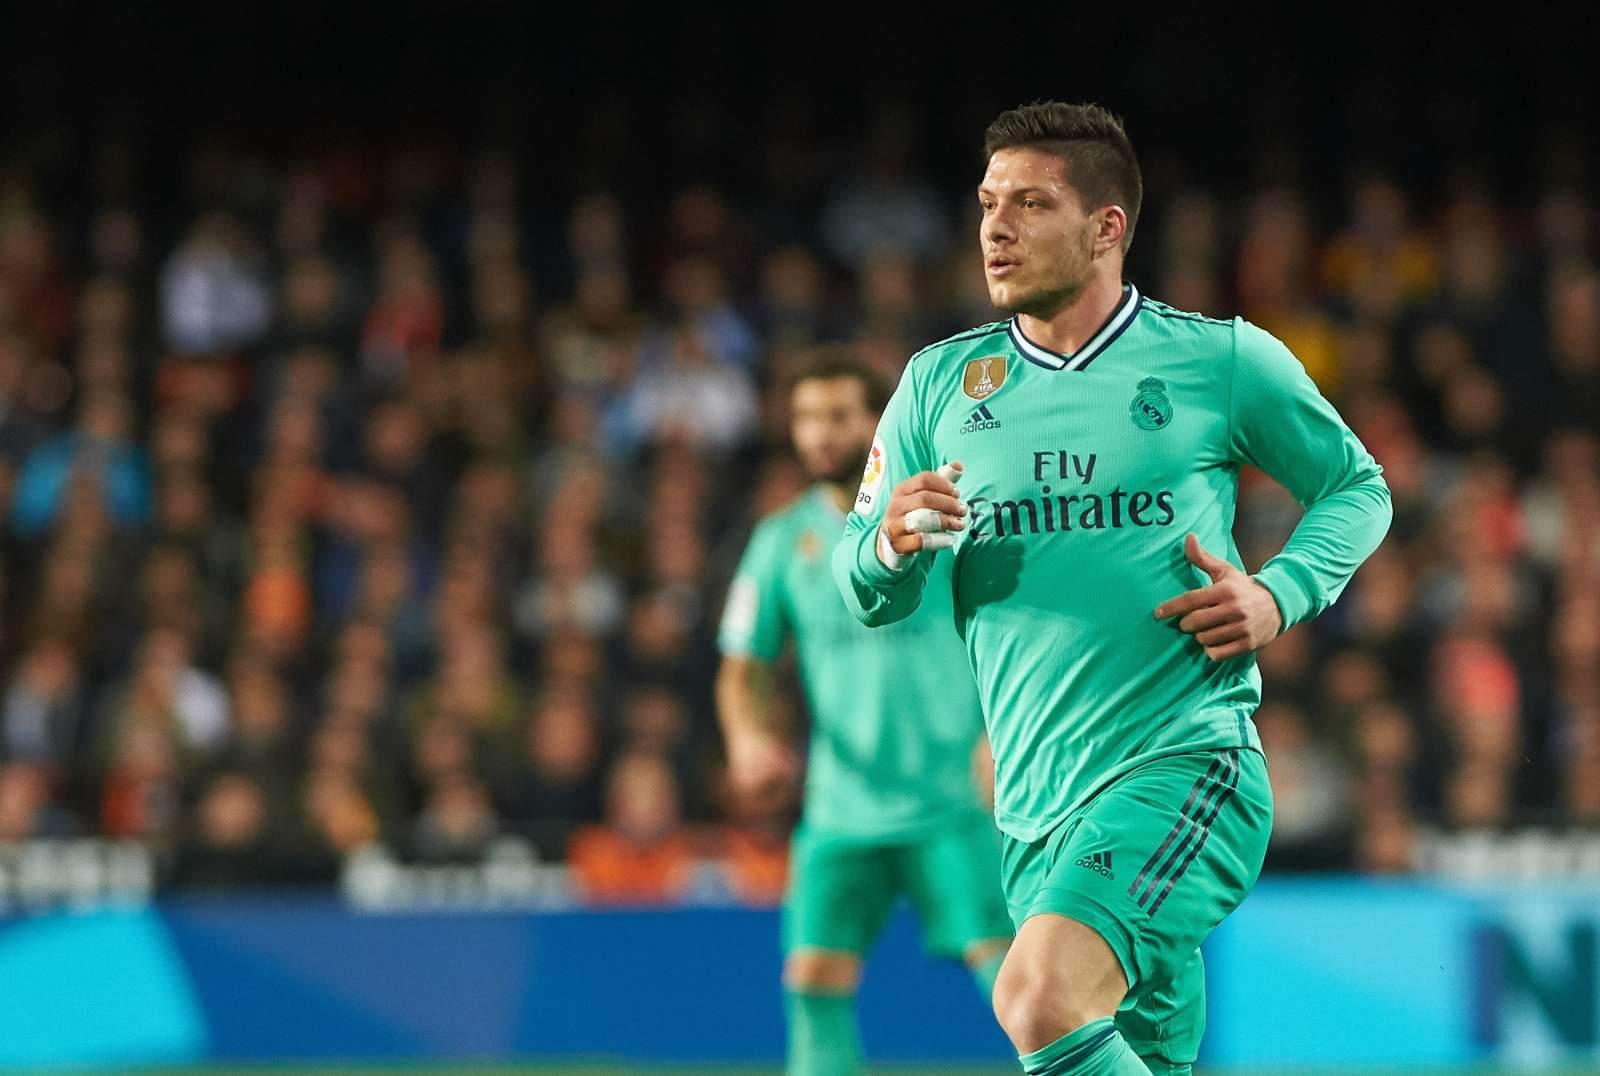 За 76 минут в «Айнтрахте» Йович забил больше, чем за полтора года в «Реале»